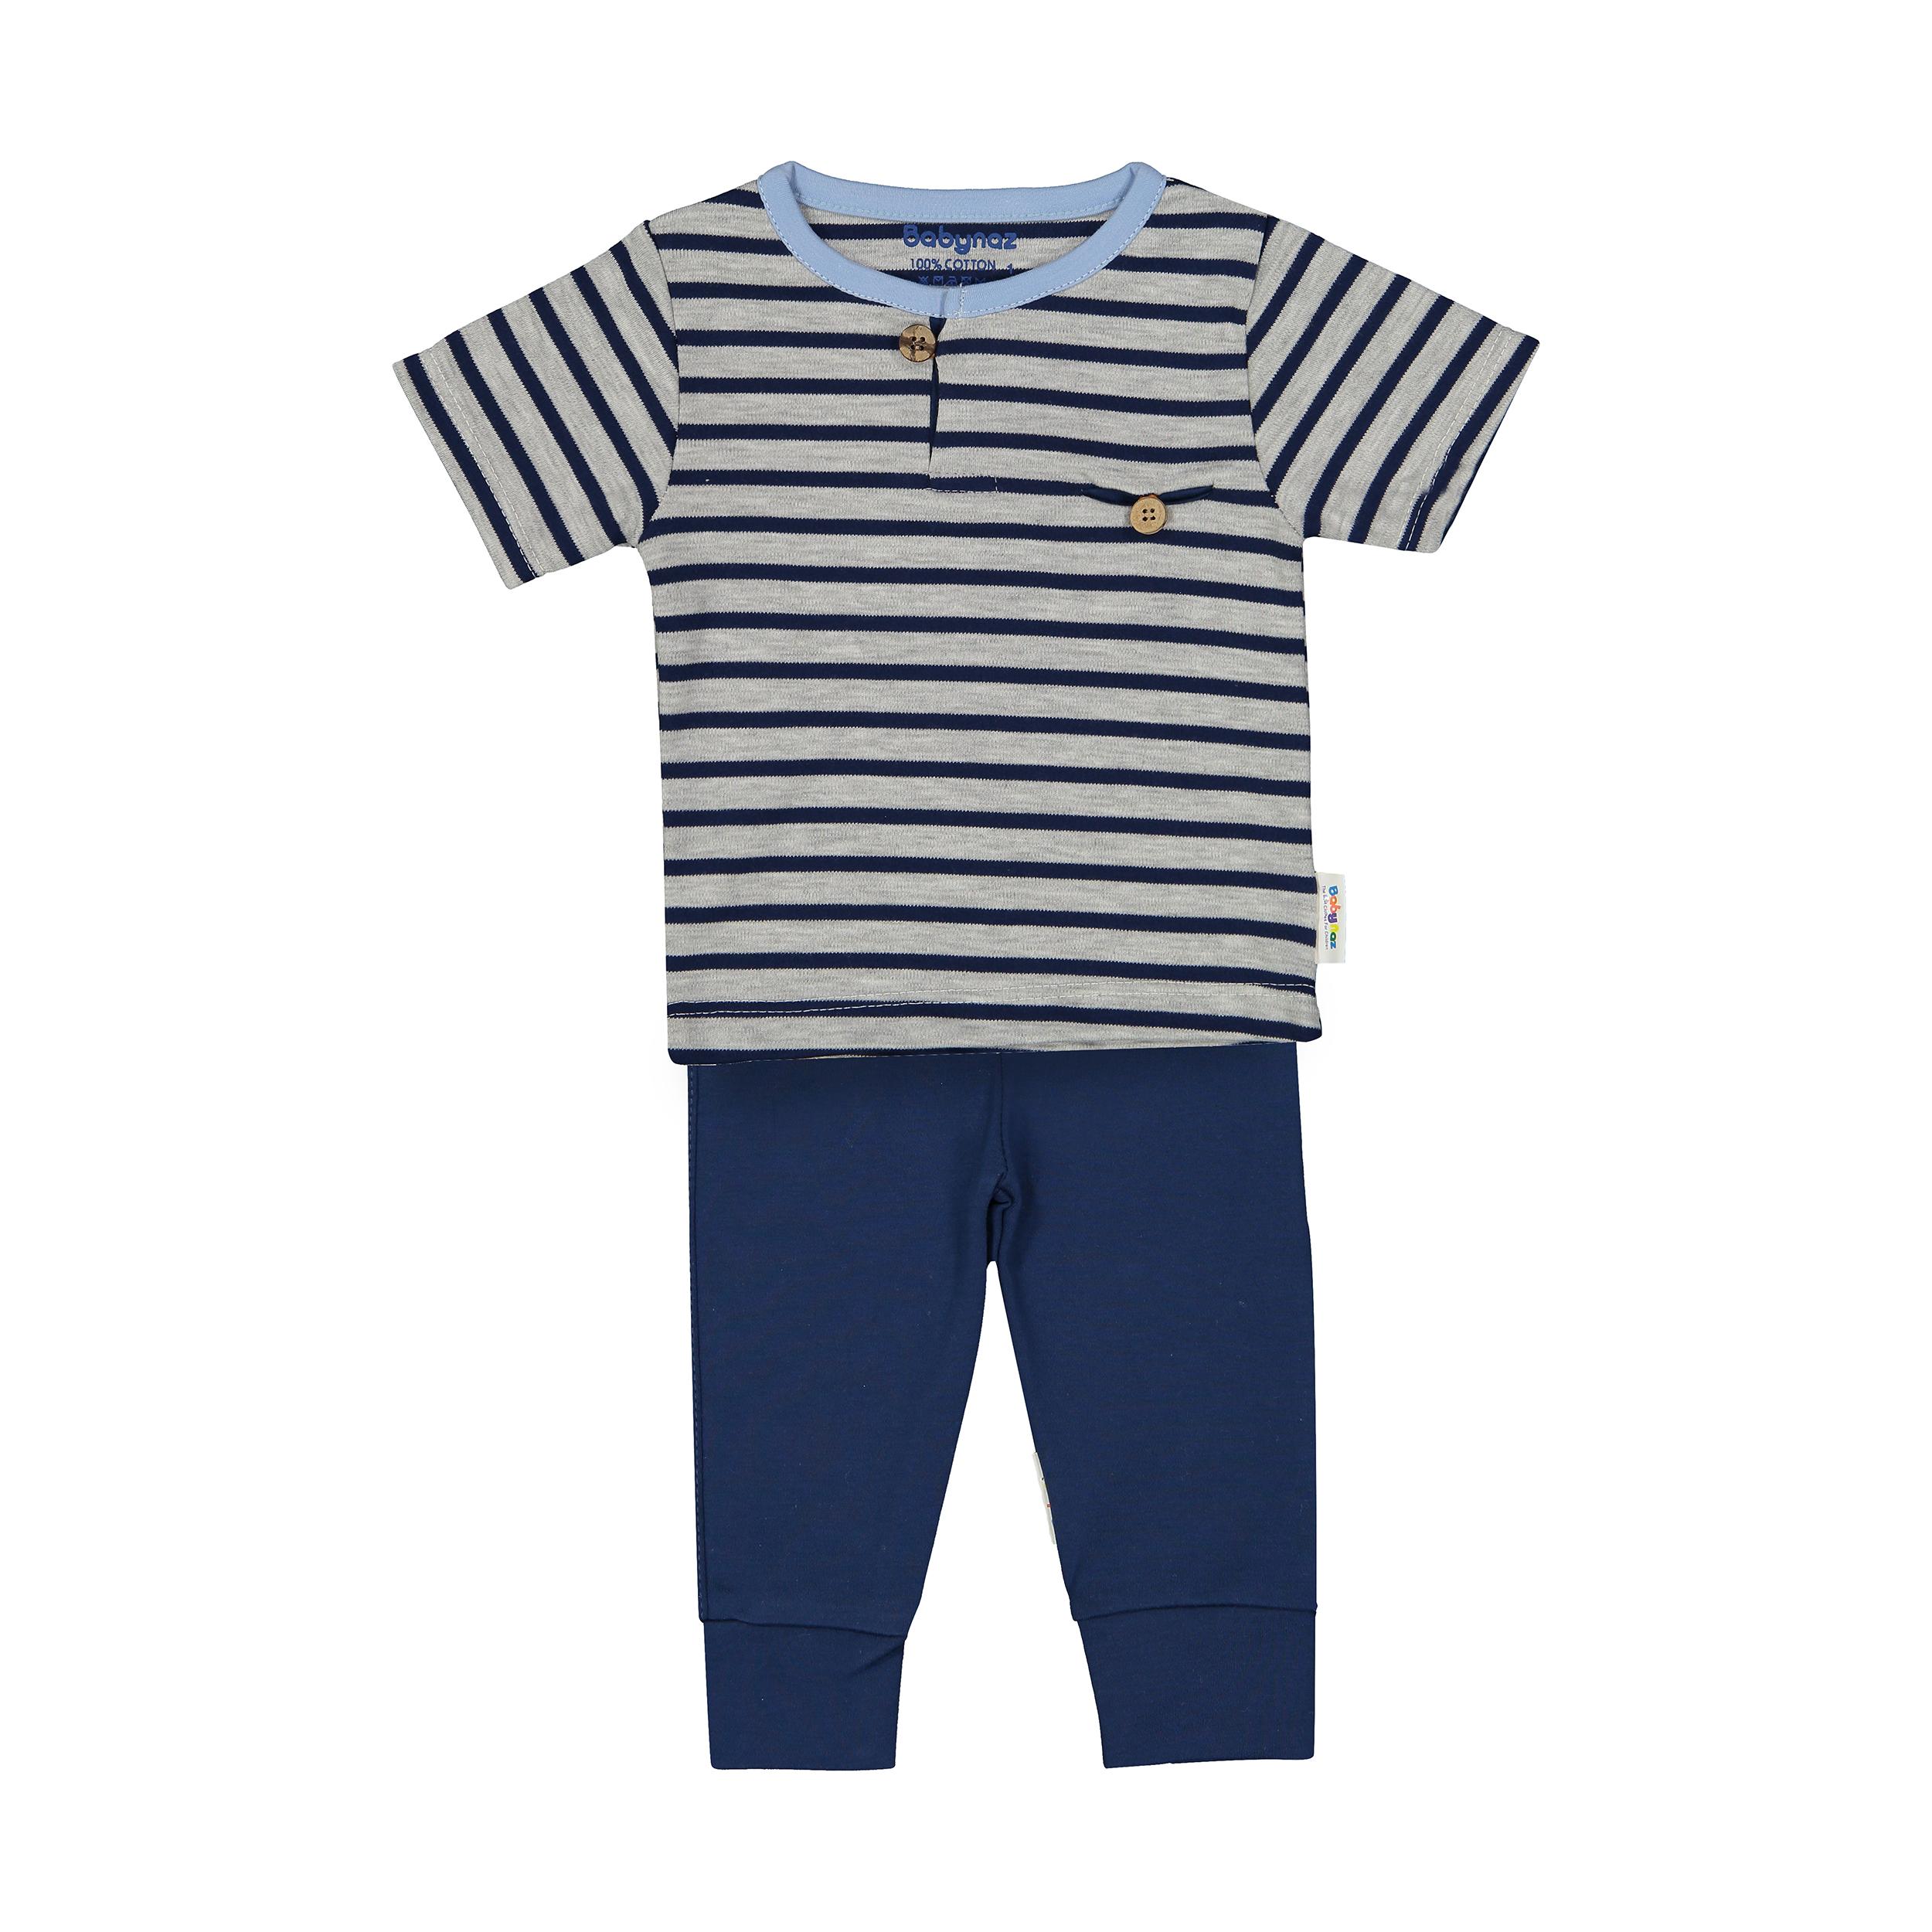 ست تی شرت و شلوار نوزادی پسرانه بی بی ناز مدل 1501496-5990